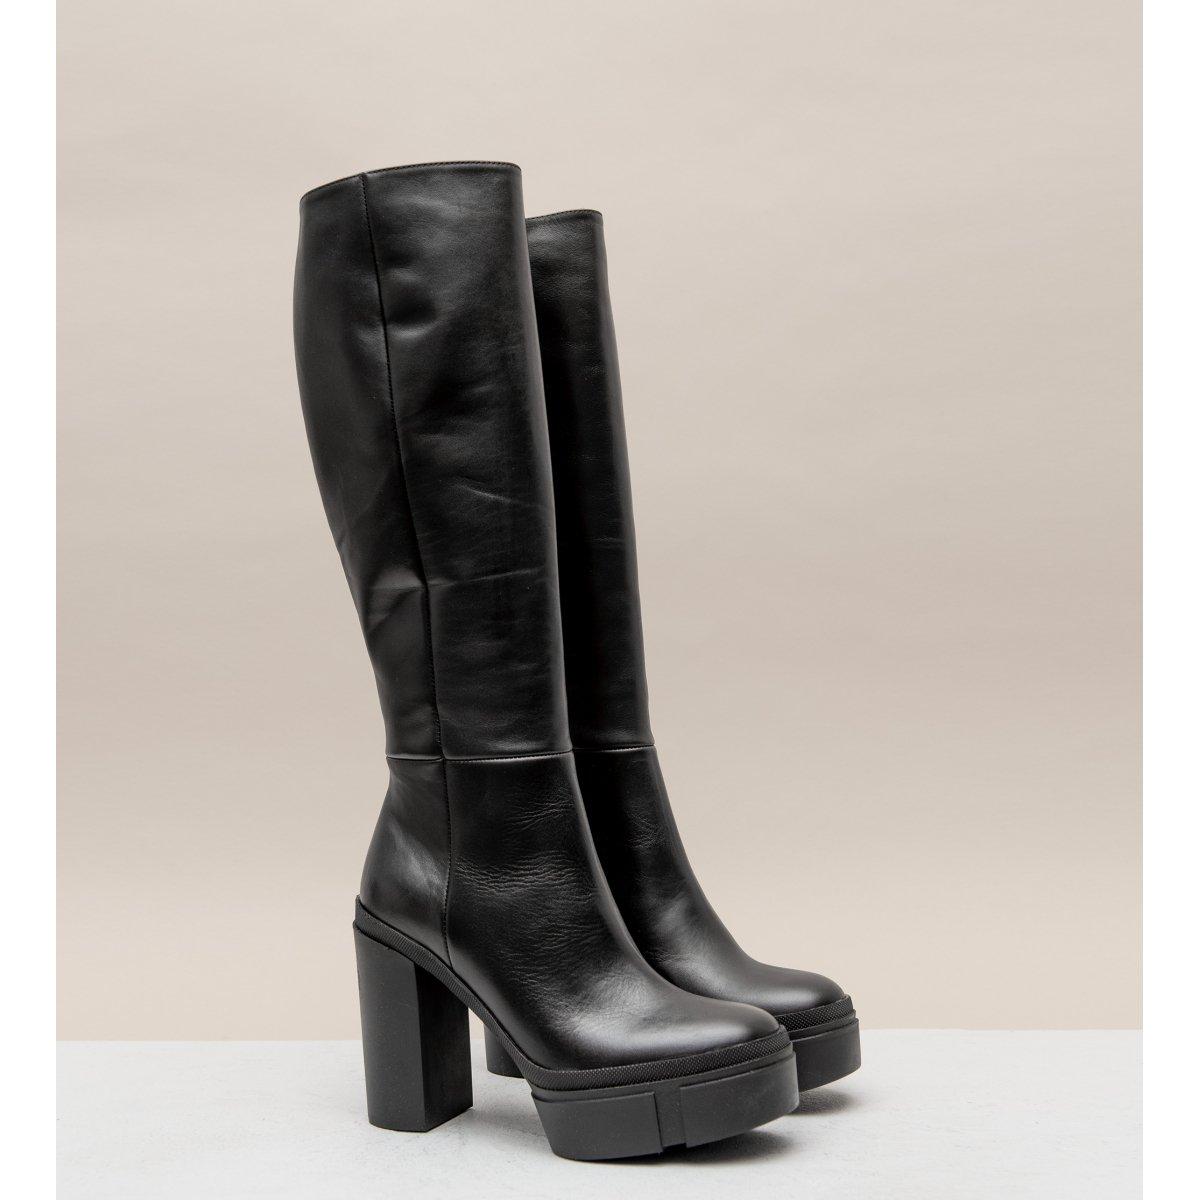 Bottes dhiver pour fille Bottes de neige Imperm/éables MARITONY Chaussures dhiver pour gar/çon Antid/érapantes Avec doublure chaude